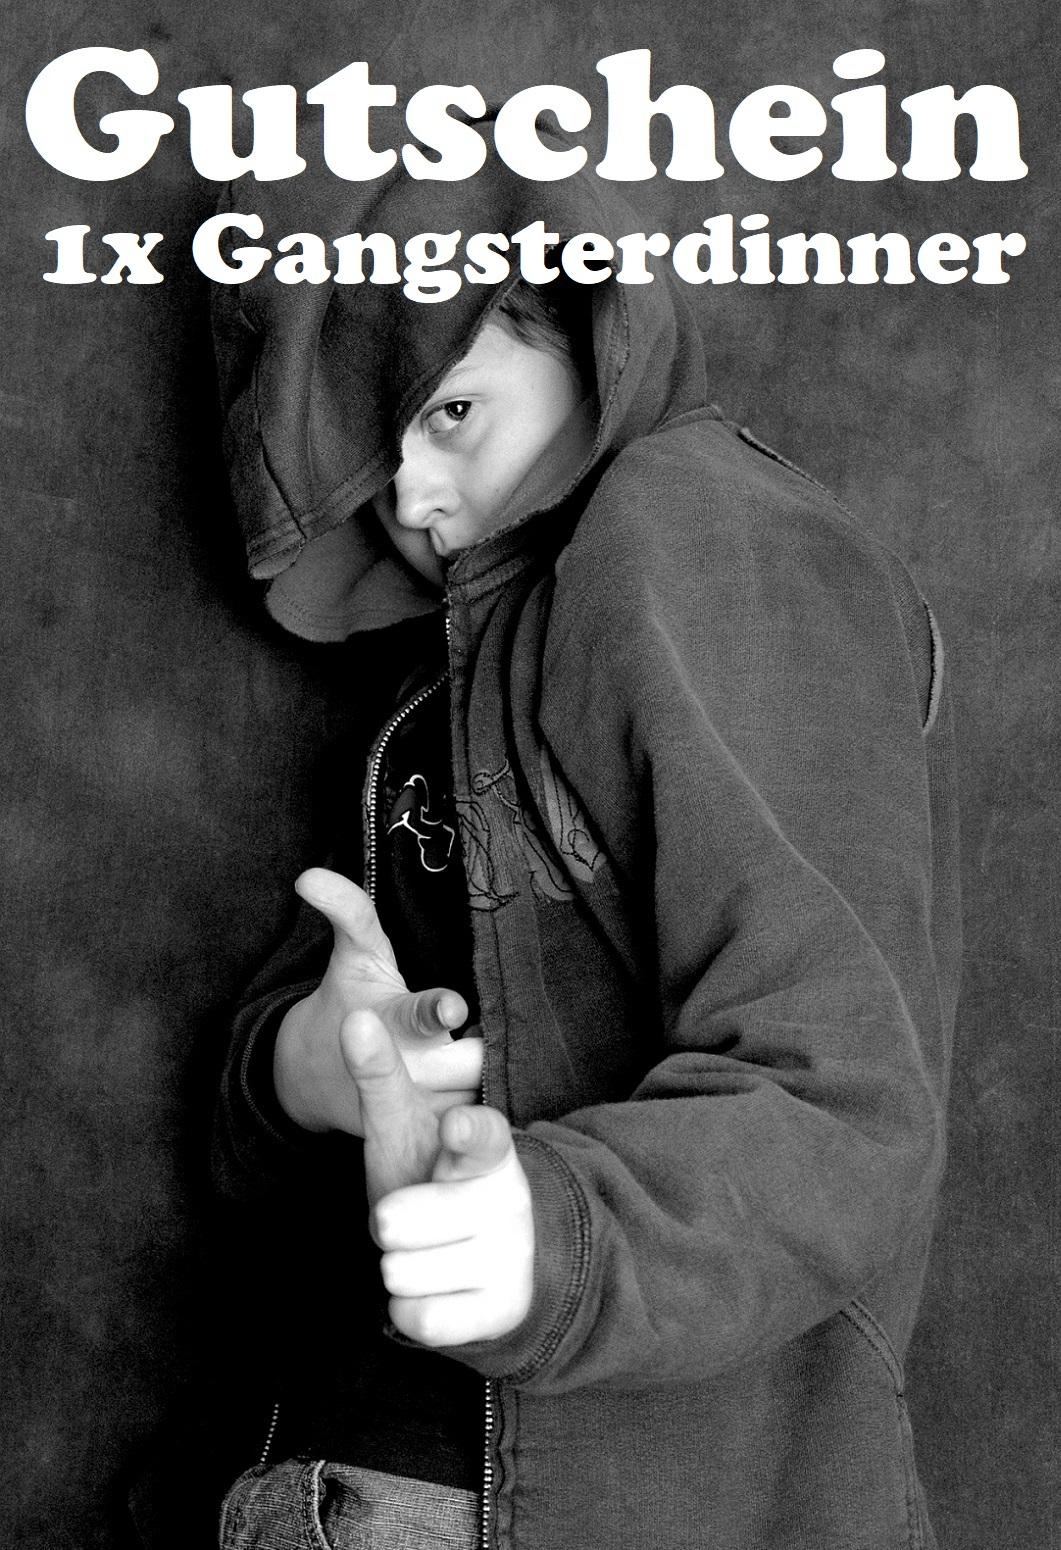 Gutscheinvorlage fürs Gangsterdinner